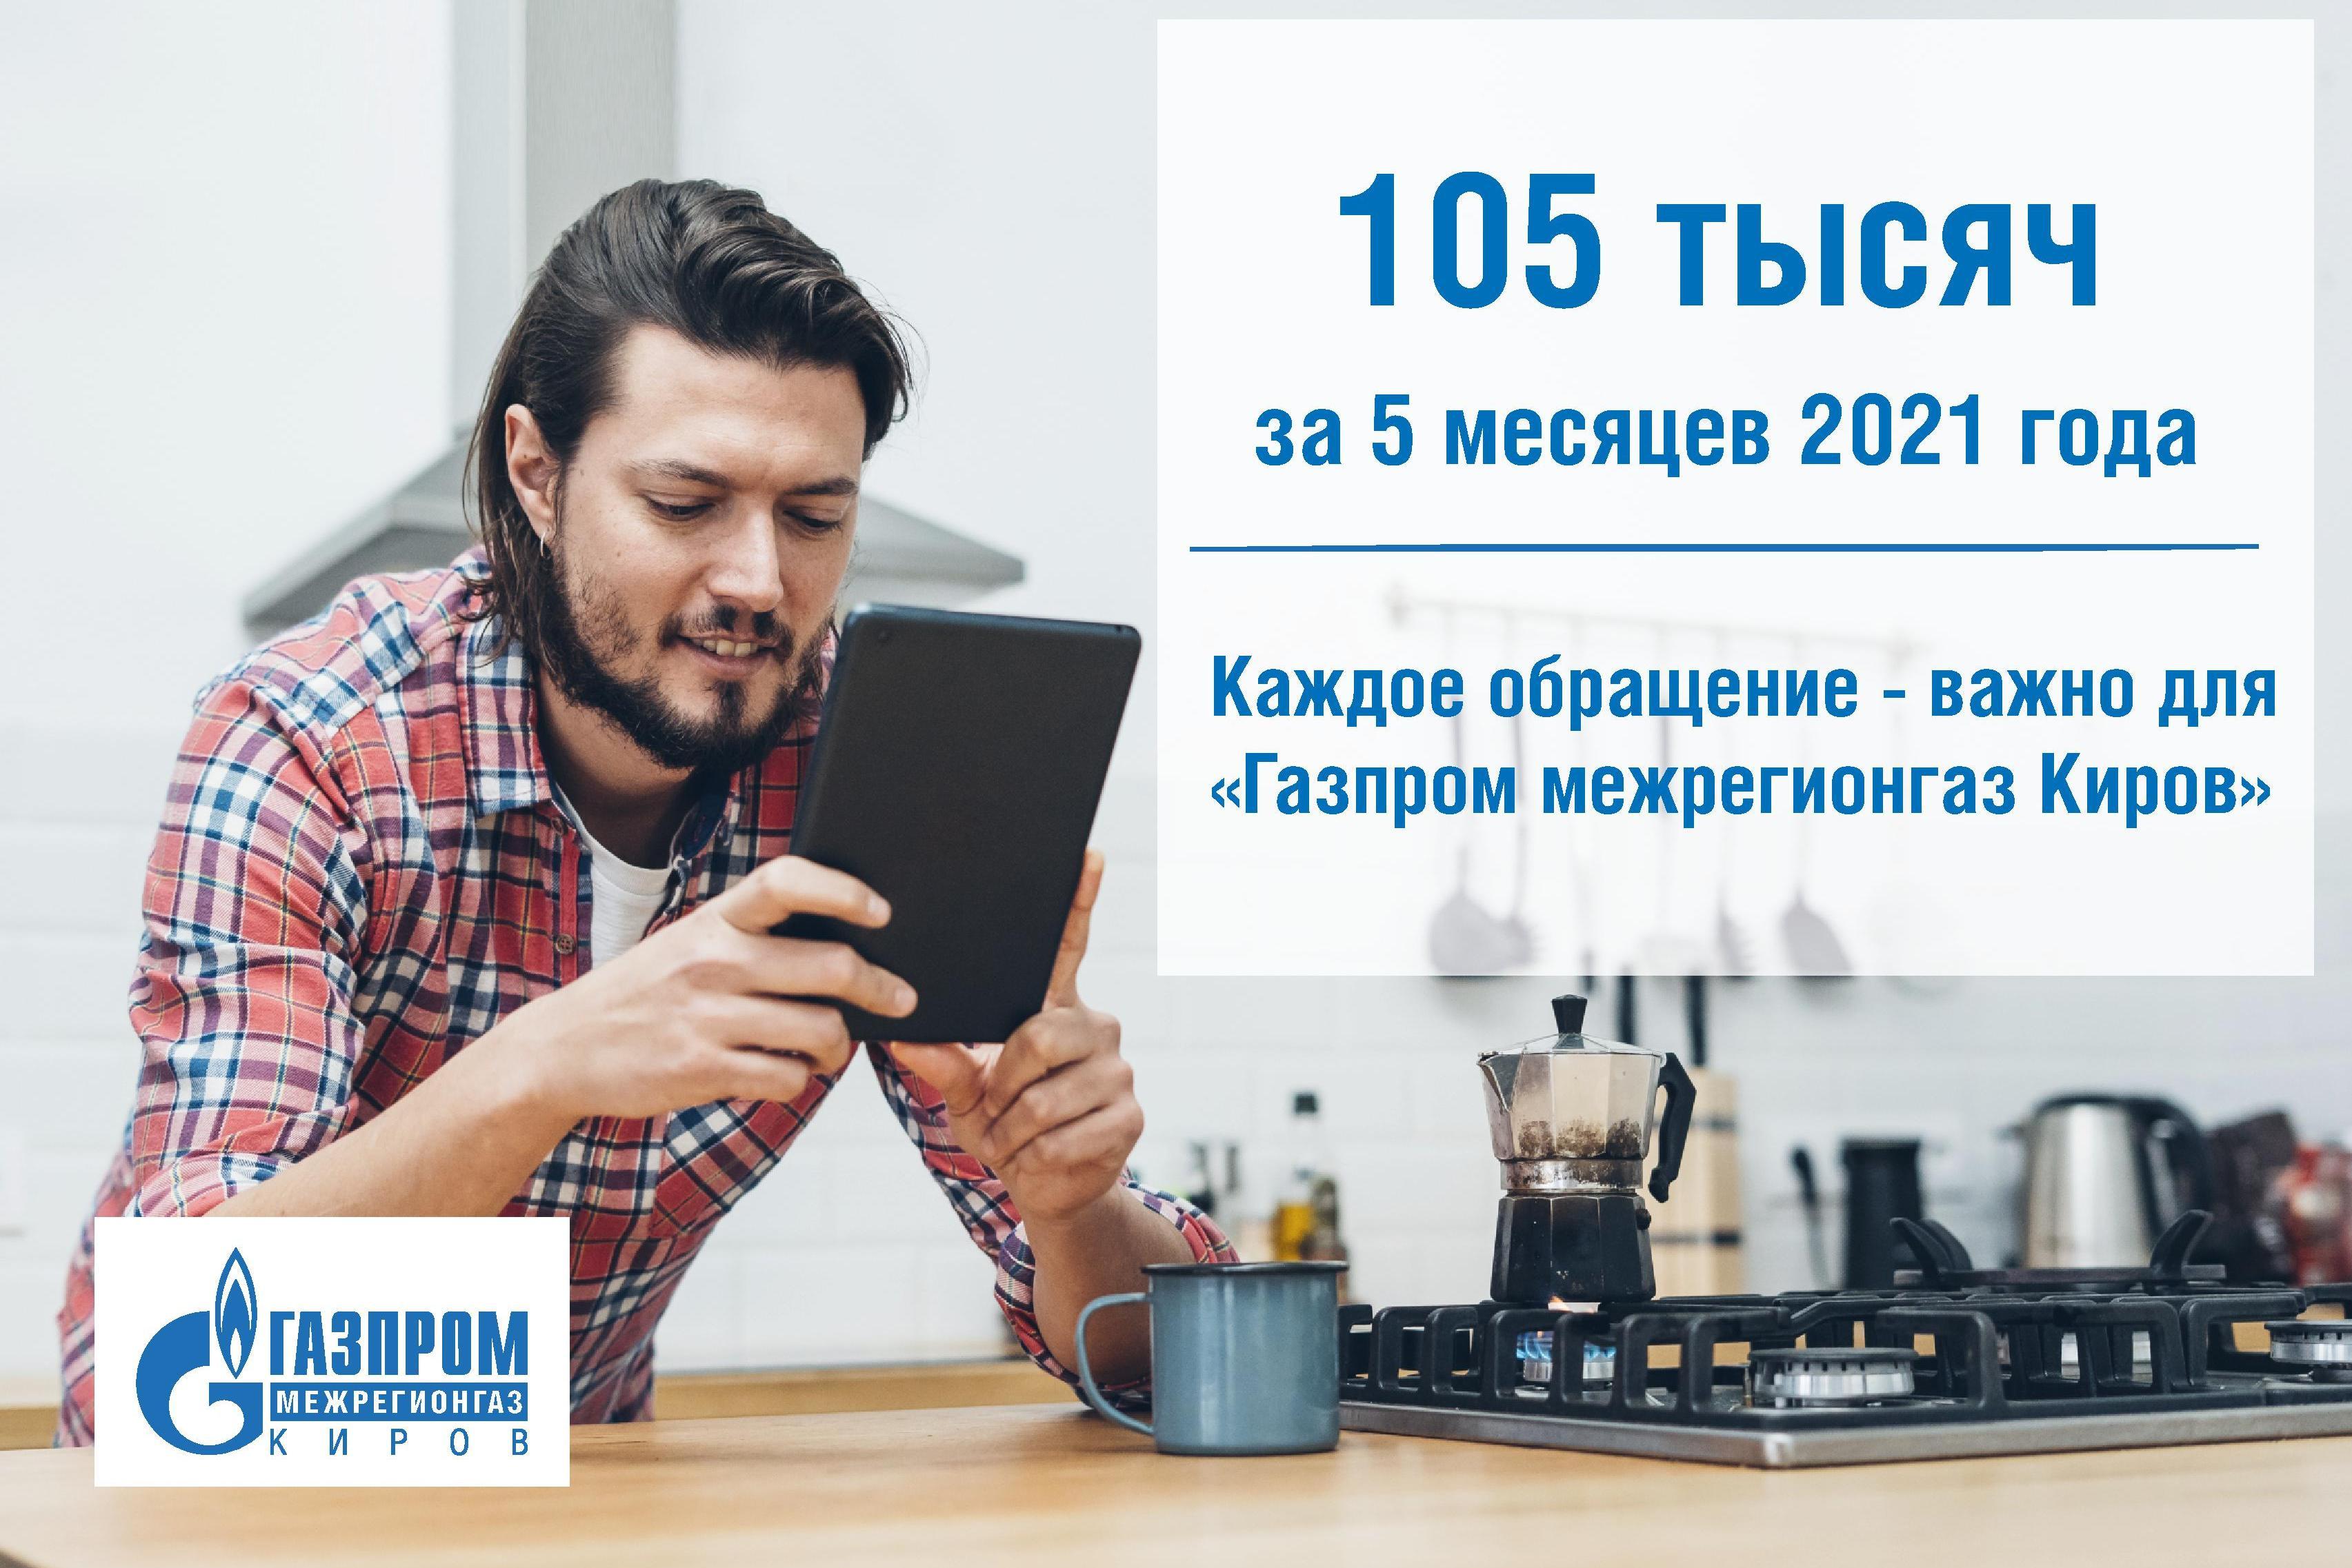 Каждое обращение абонента – важно для «Газпром межрегионгаз Киров»